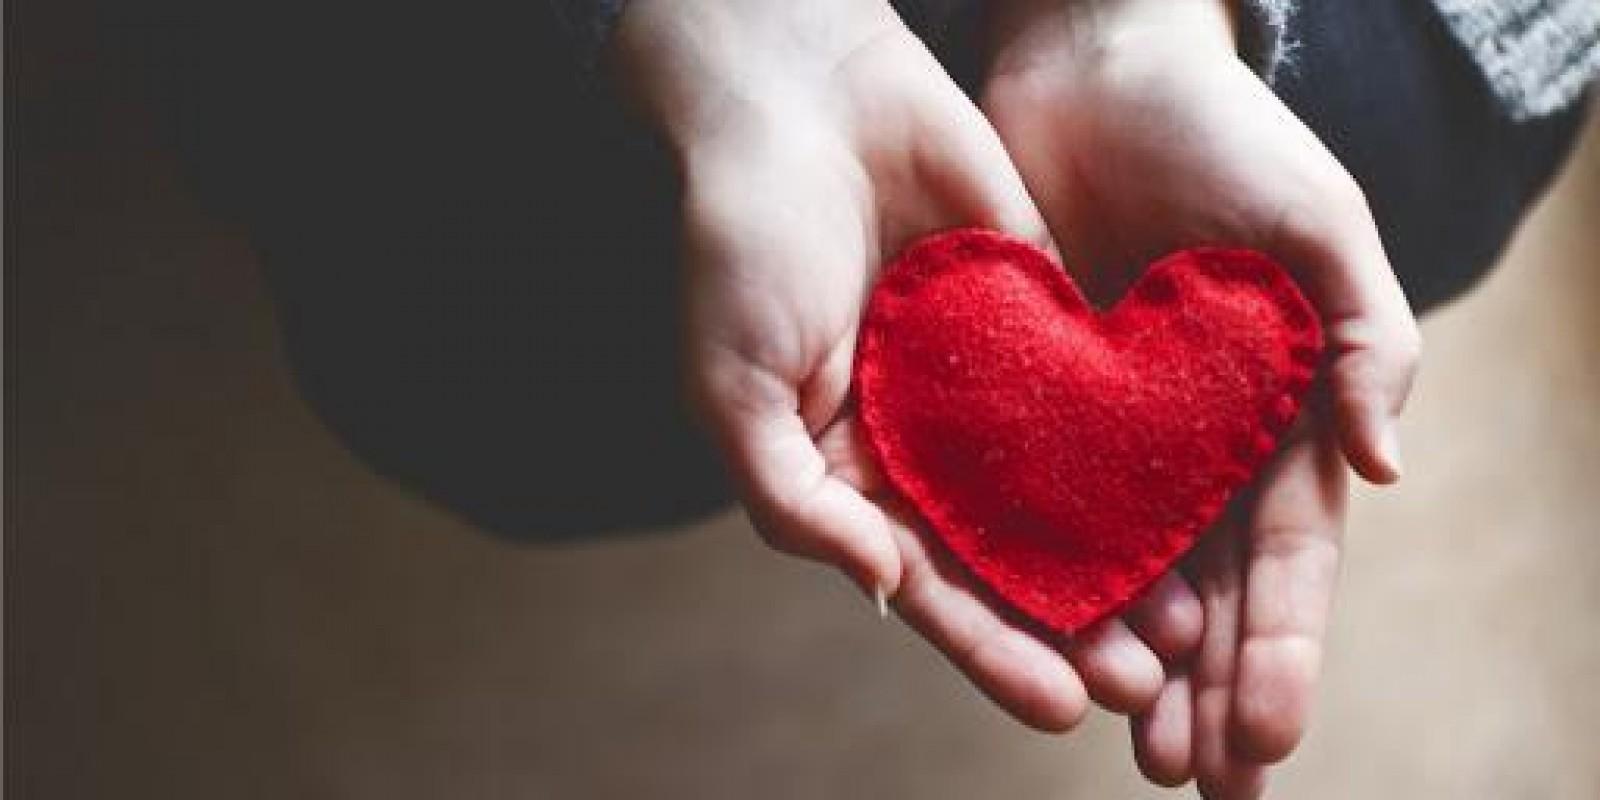 Empatia E Compaixão: Uma Abordagem Ao Futuro Da Liderança, Da Saúde E Do Bem Estar